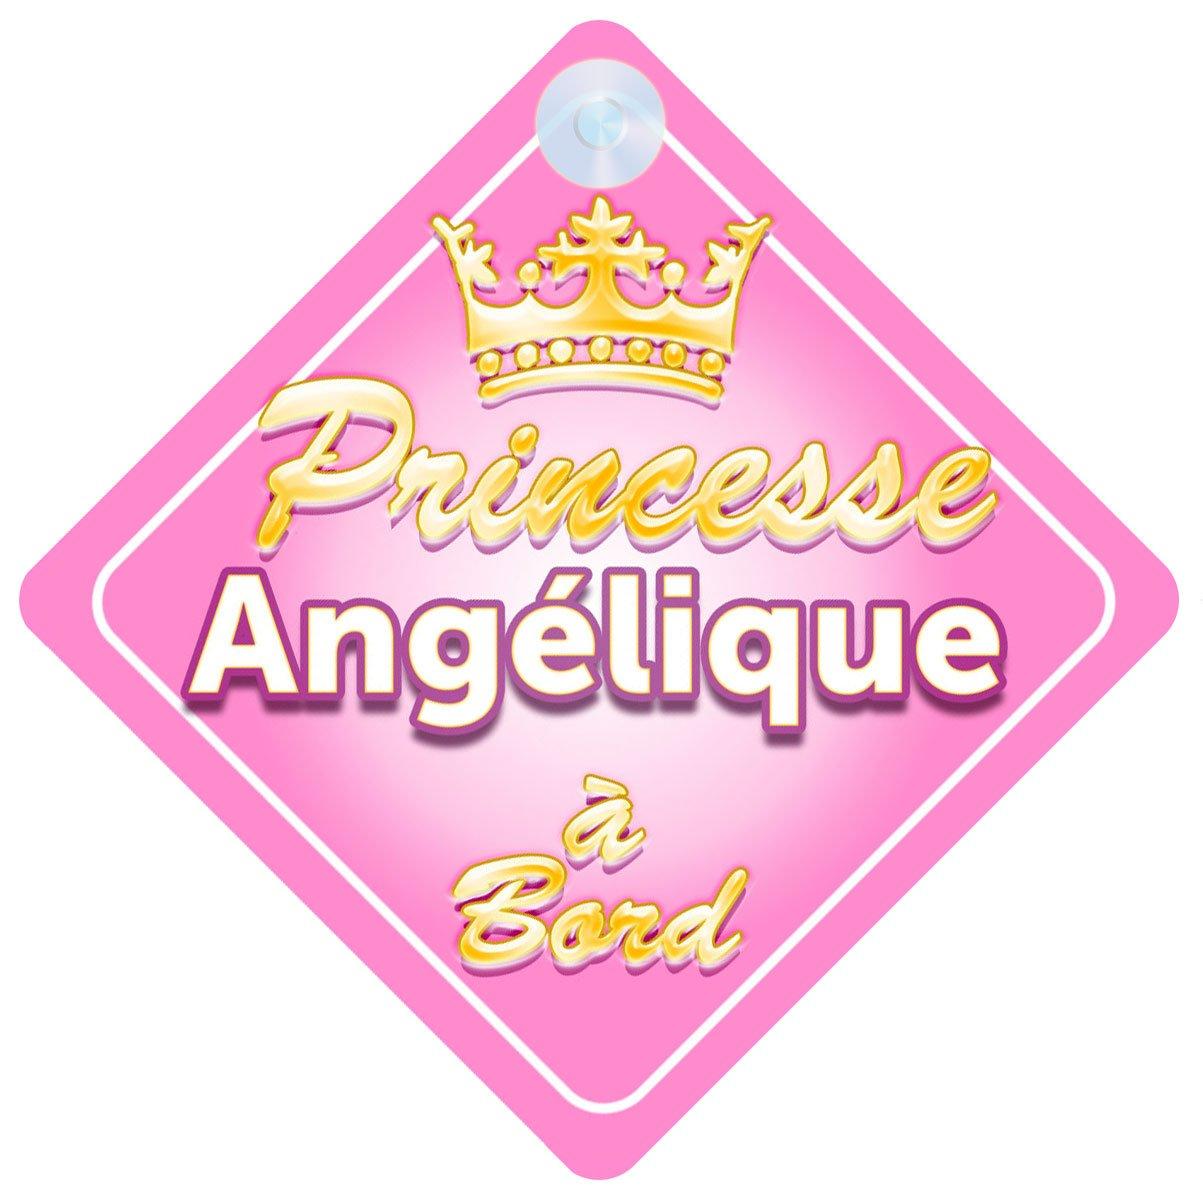 Couronne Princesse Angélique Signe Pour Voiture Enfant/Bébé à Bord Quality Goods Ltd